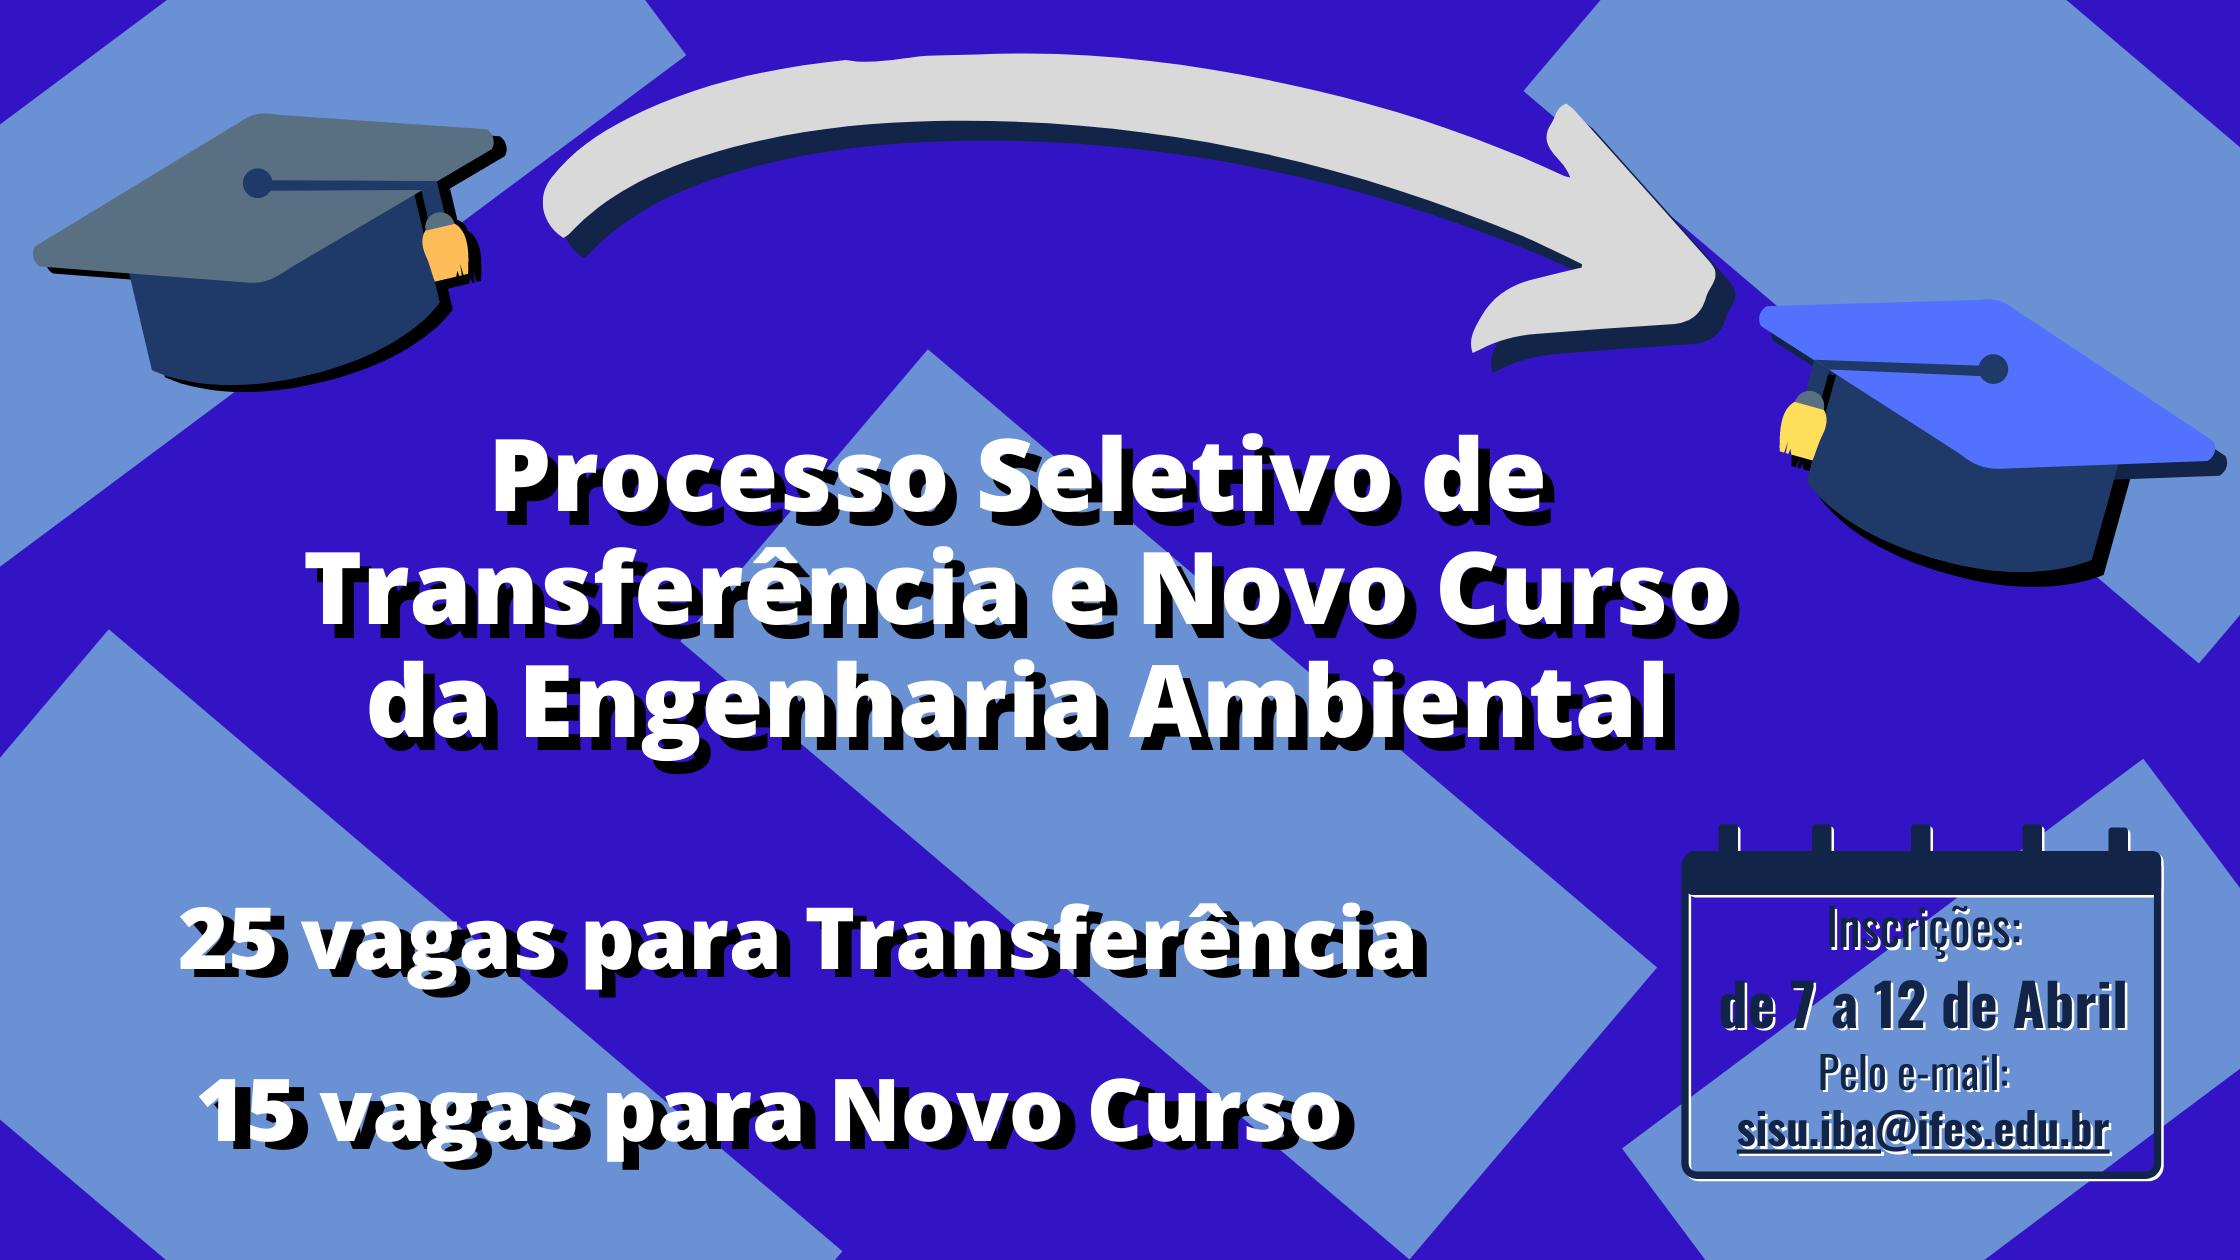 Processo Seletivo de Transferência e Novo Curso de Engenharia Ambiental